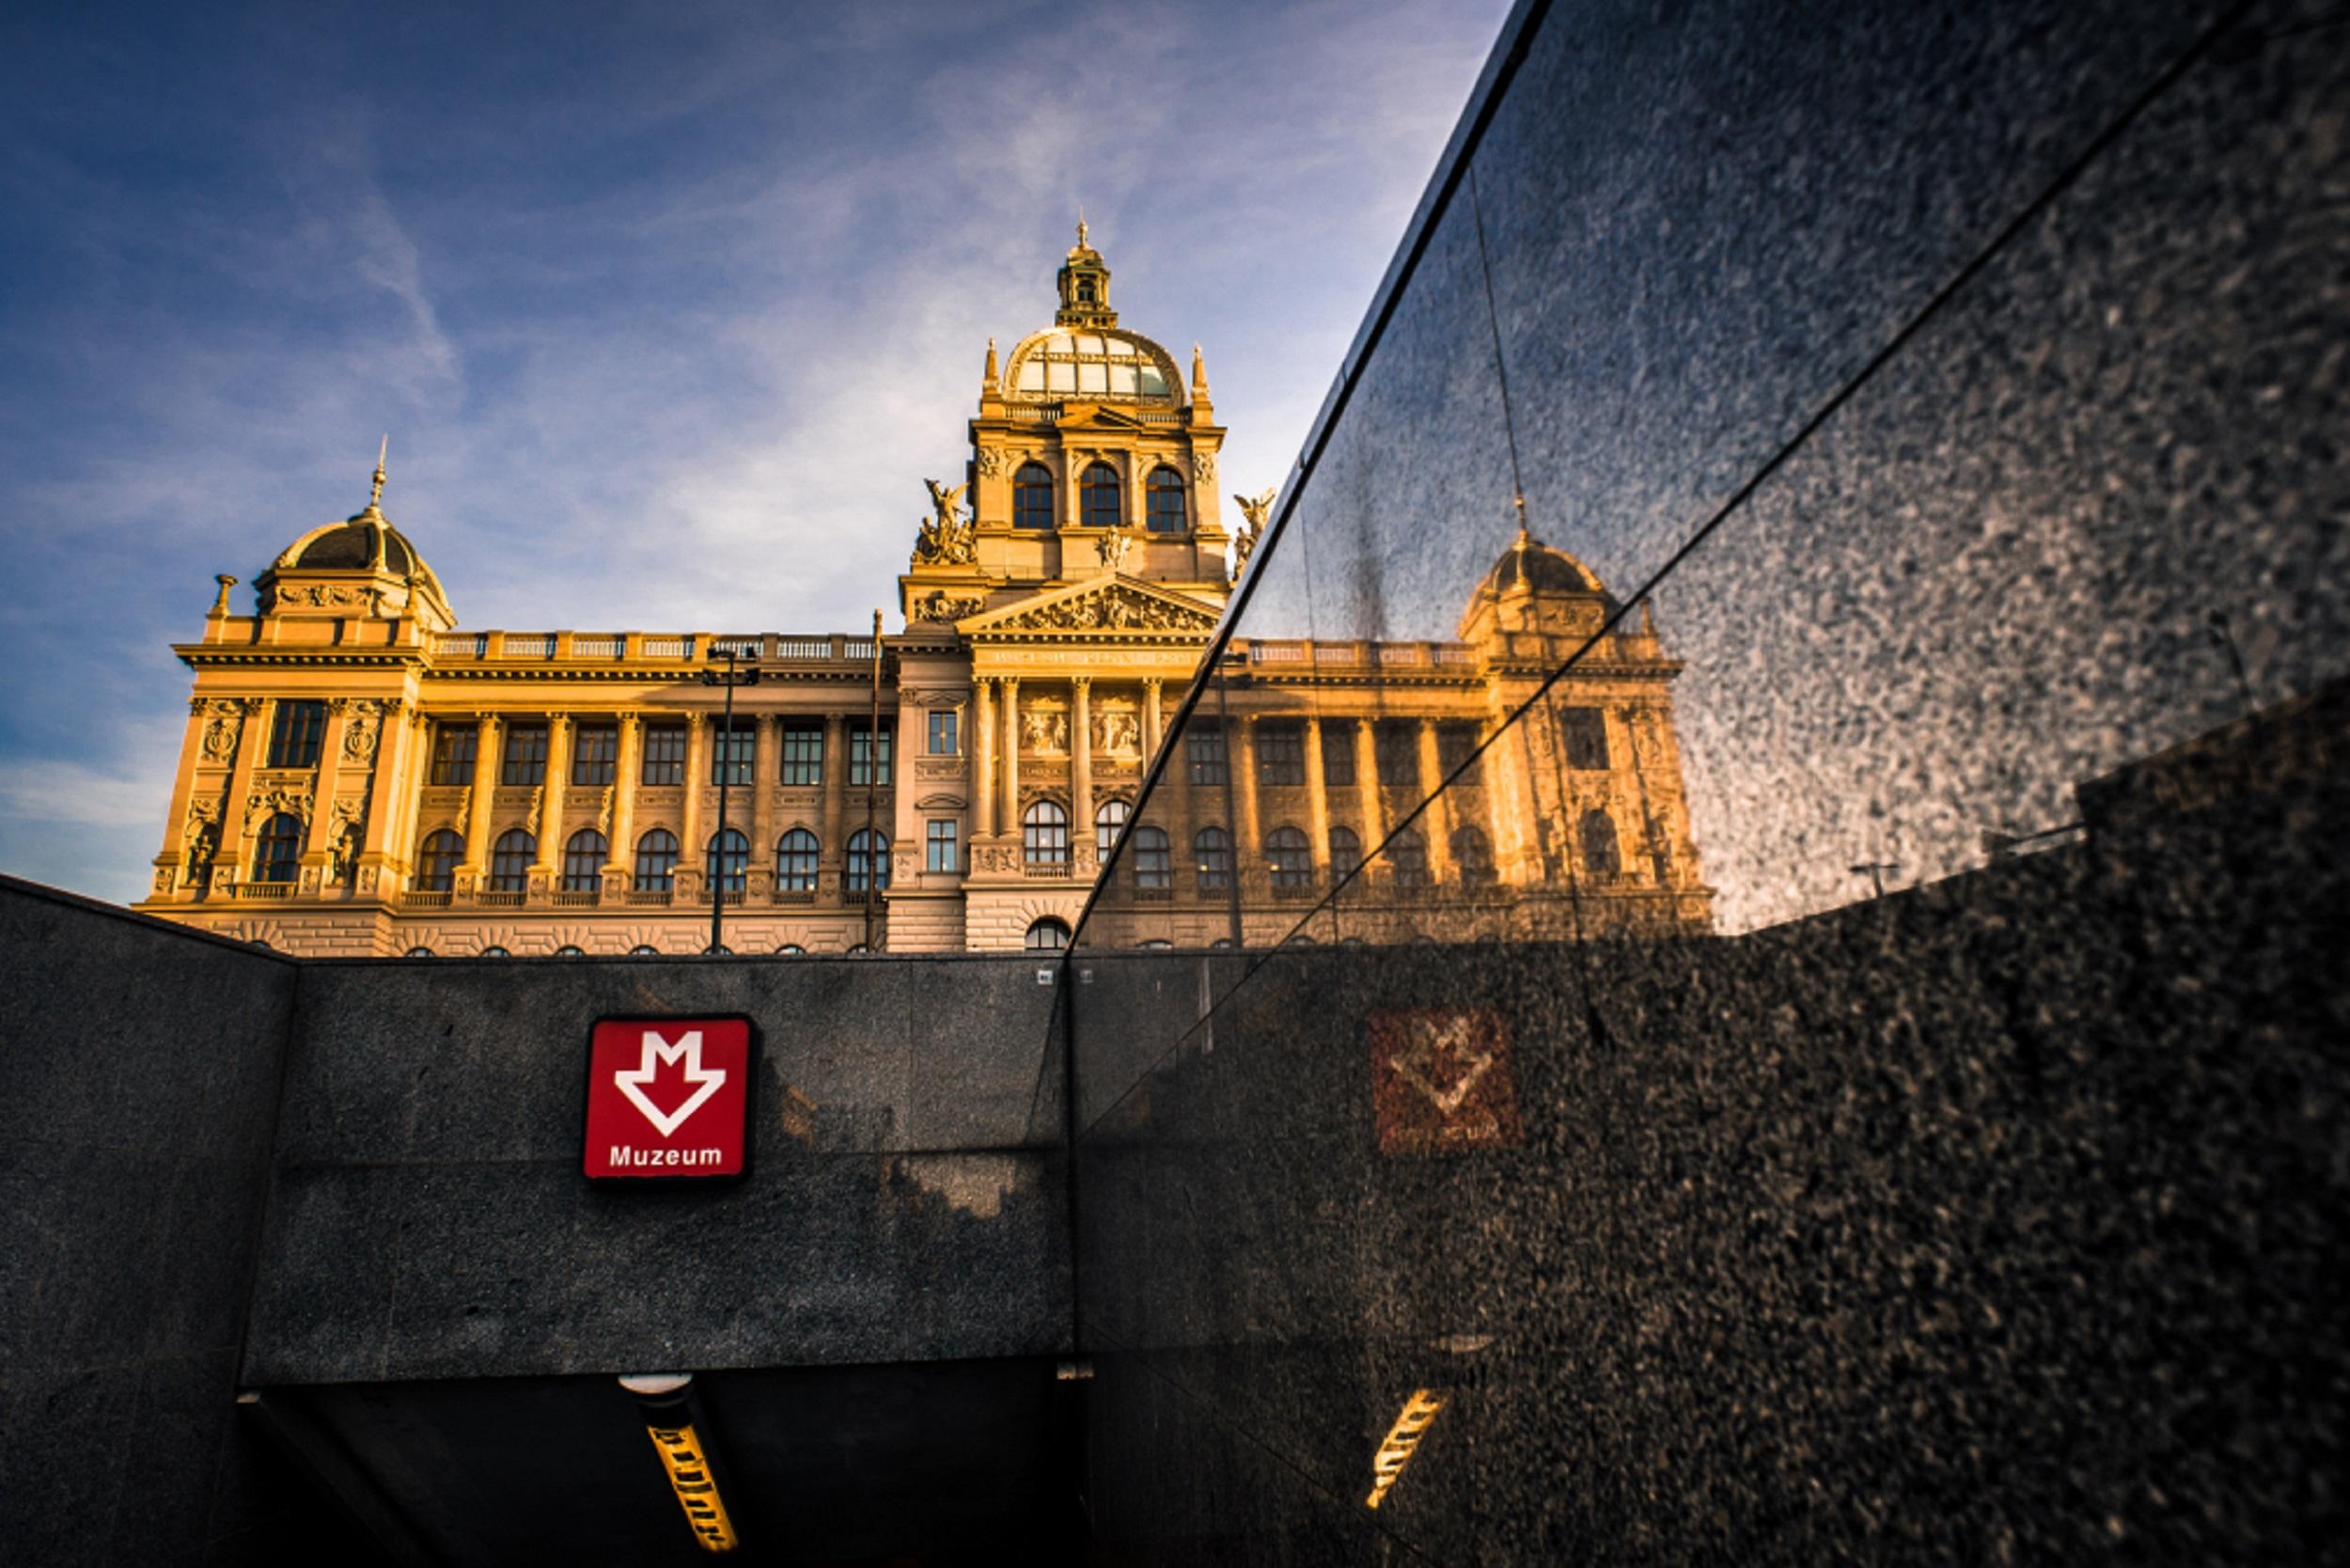 Startuje jedenáctý ročník fotografické soutěže Dvě tváře Prahy. Objektivy Pražanů se tento rok opět zaměří na Václavák a Příkopy!